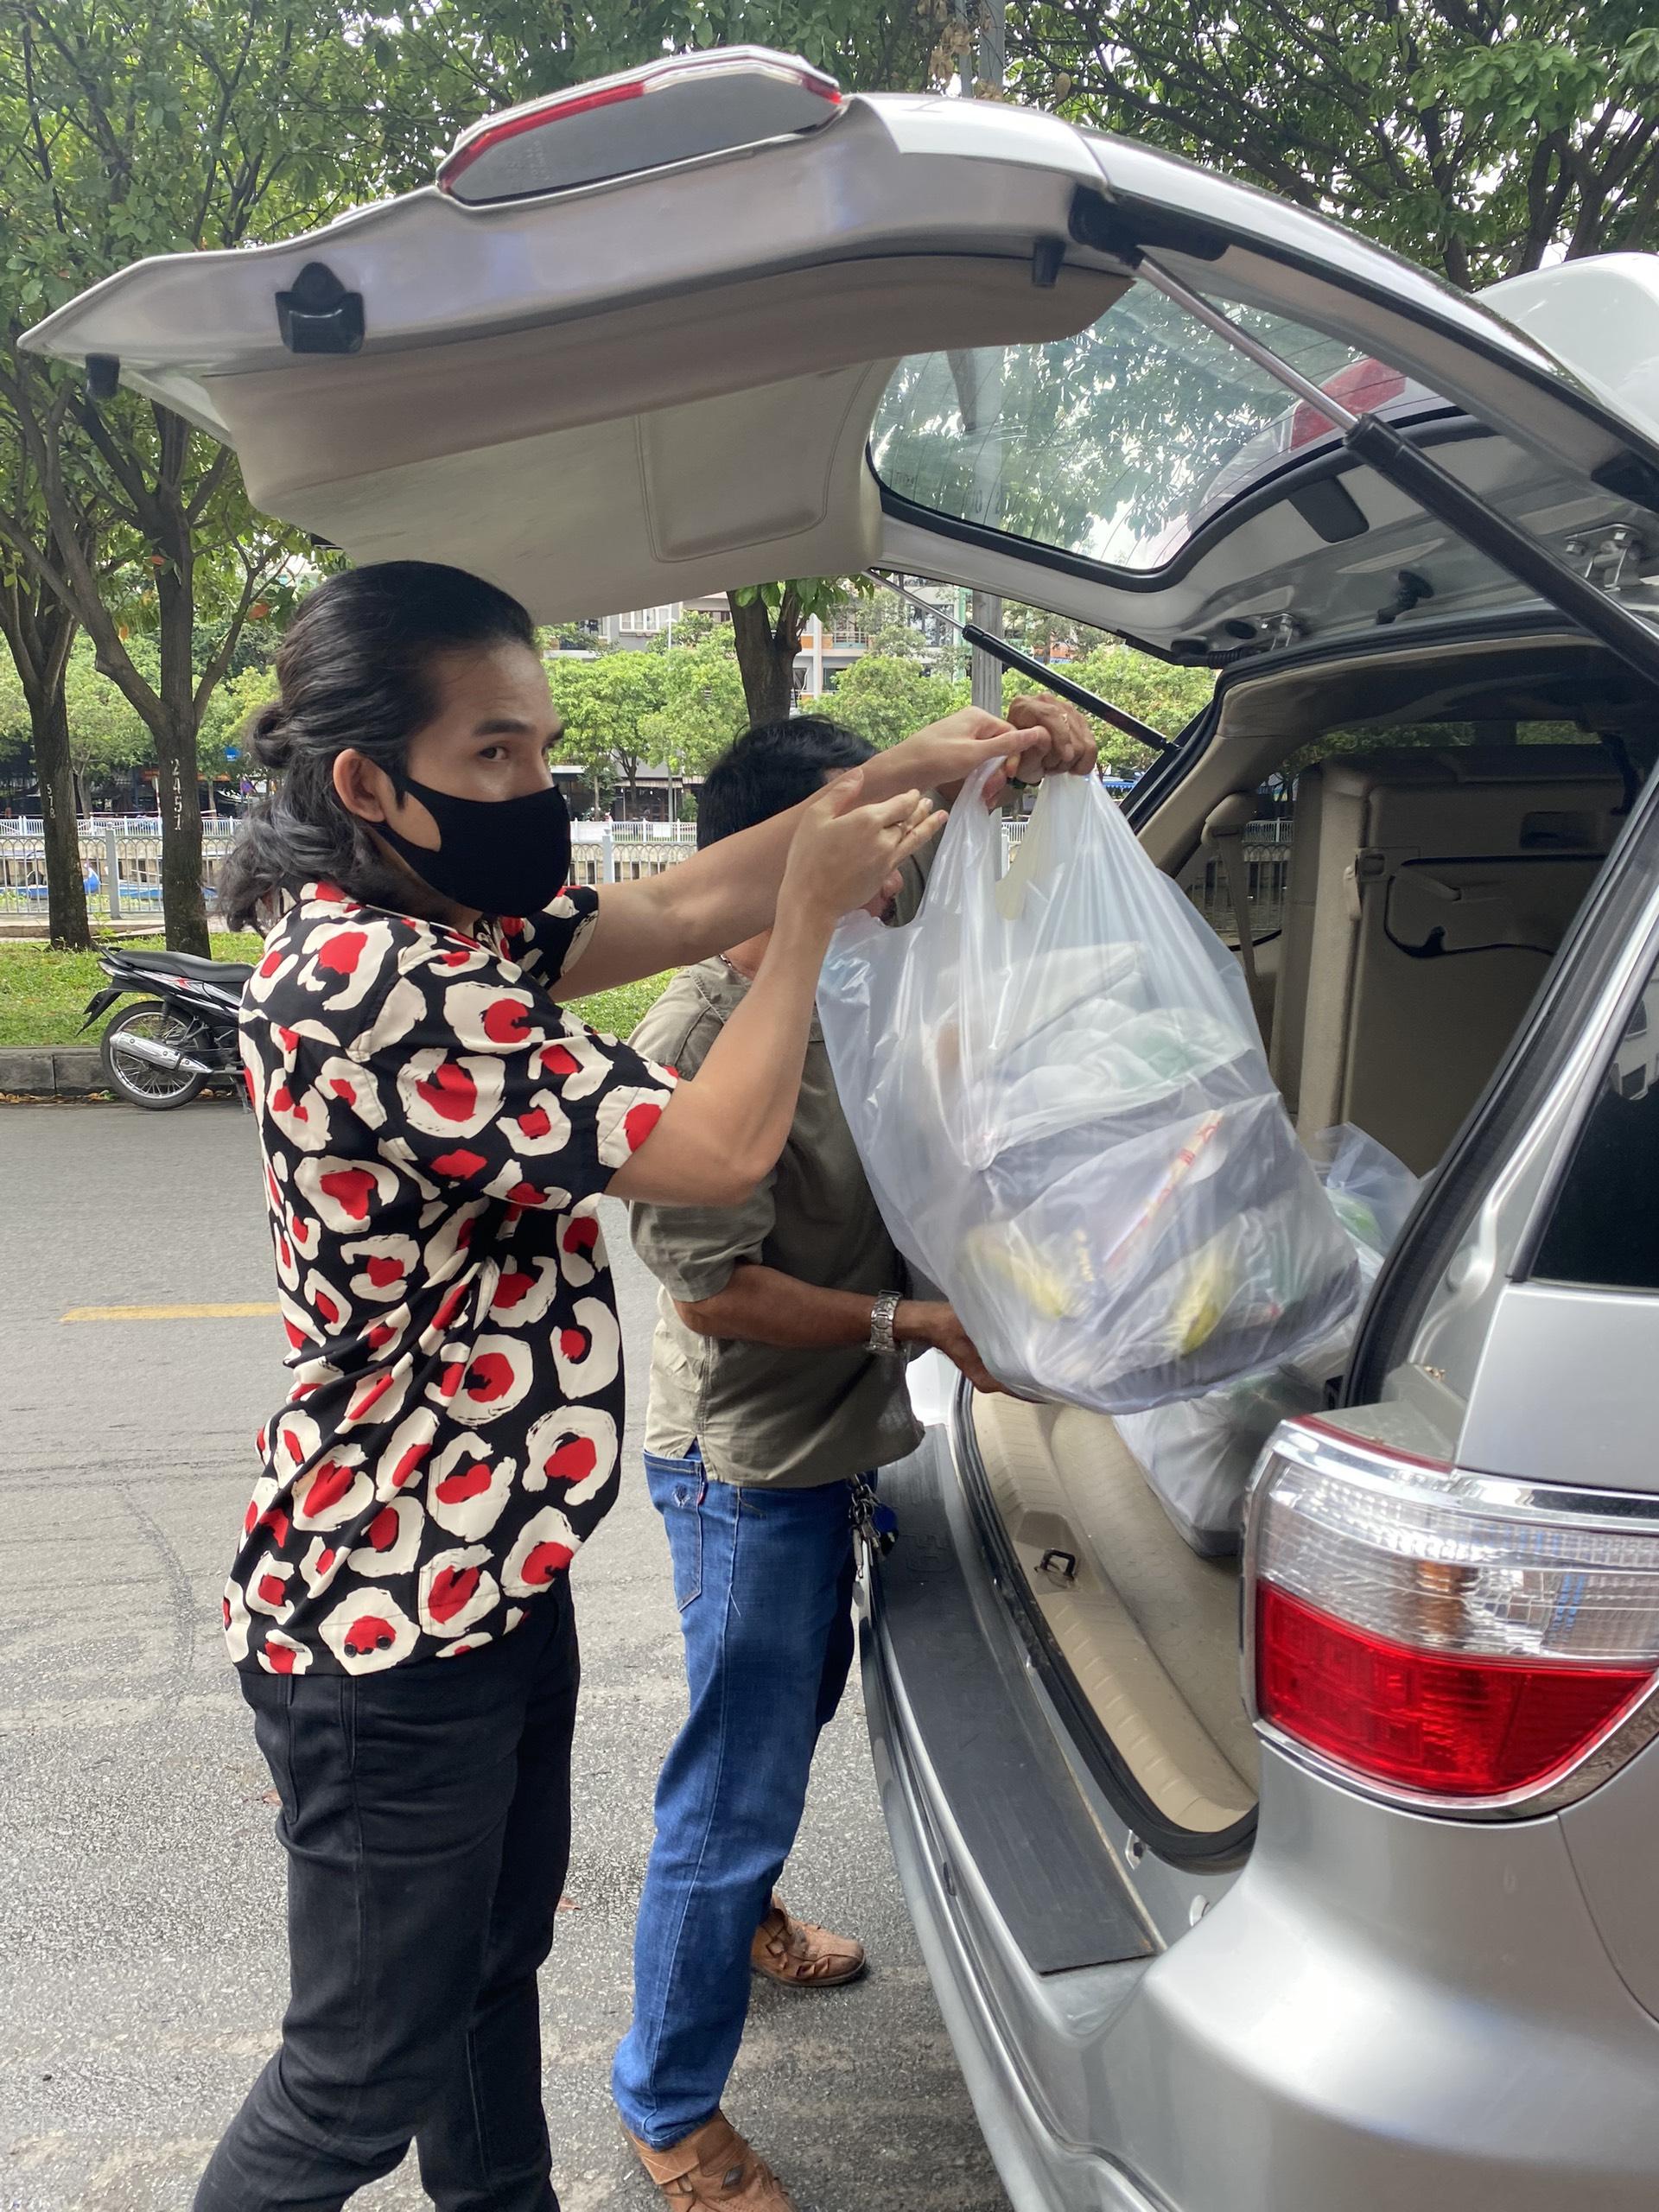 Ca sĩ Quốc Thiên phụ giúp vận chuyển cơm đến các điểm tập kết.